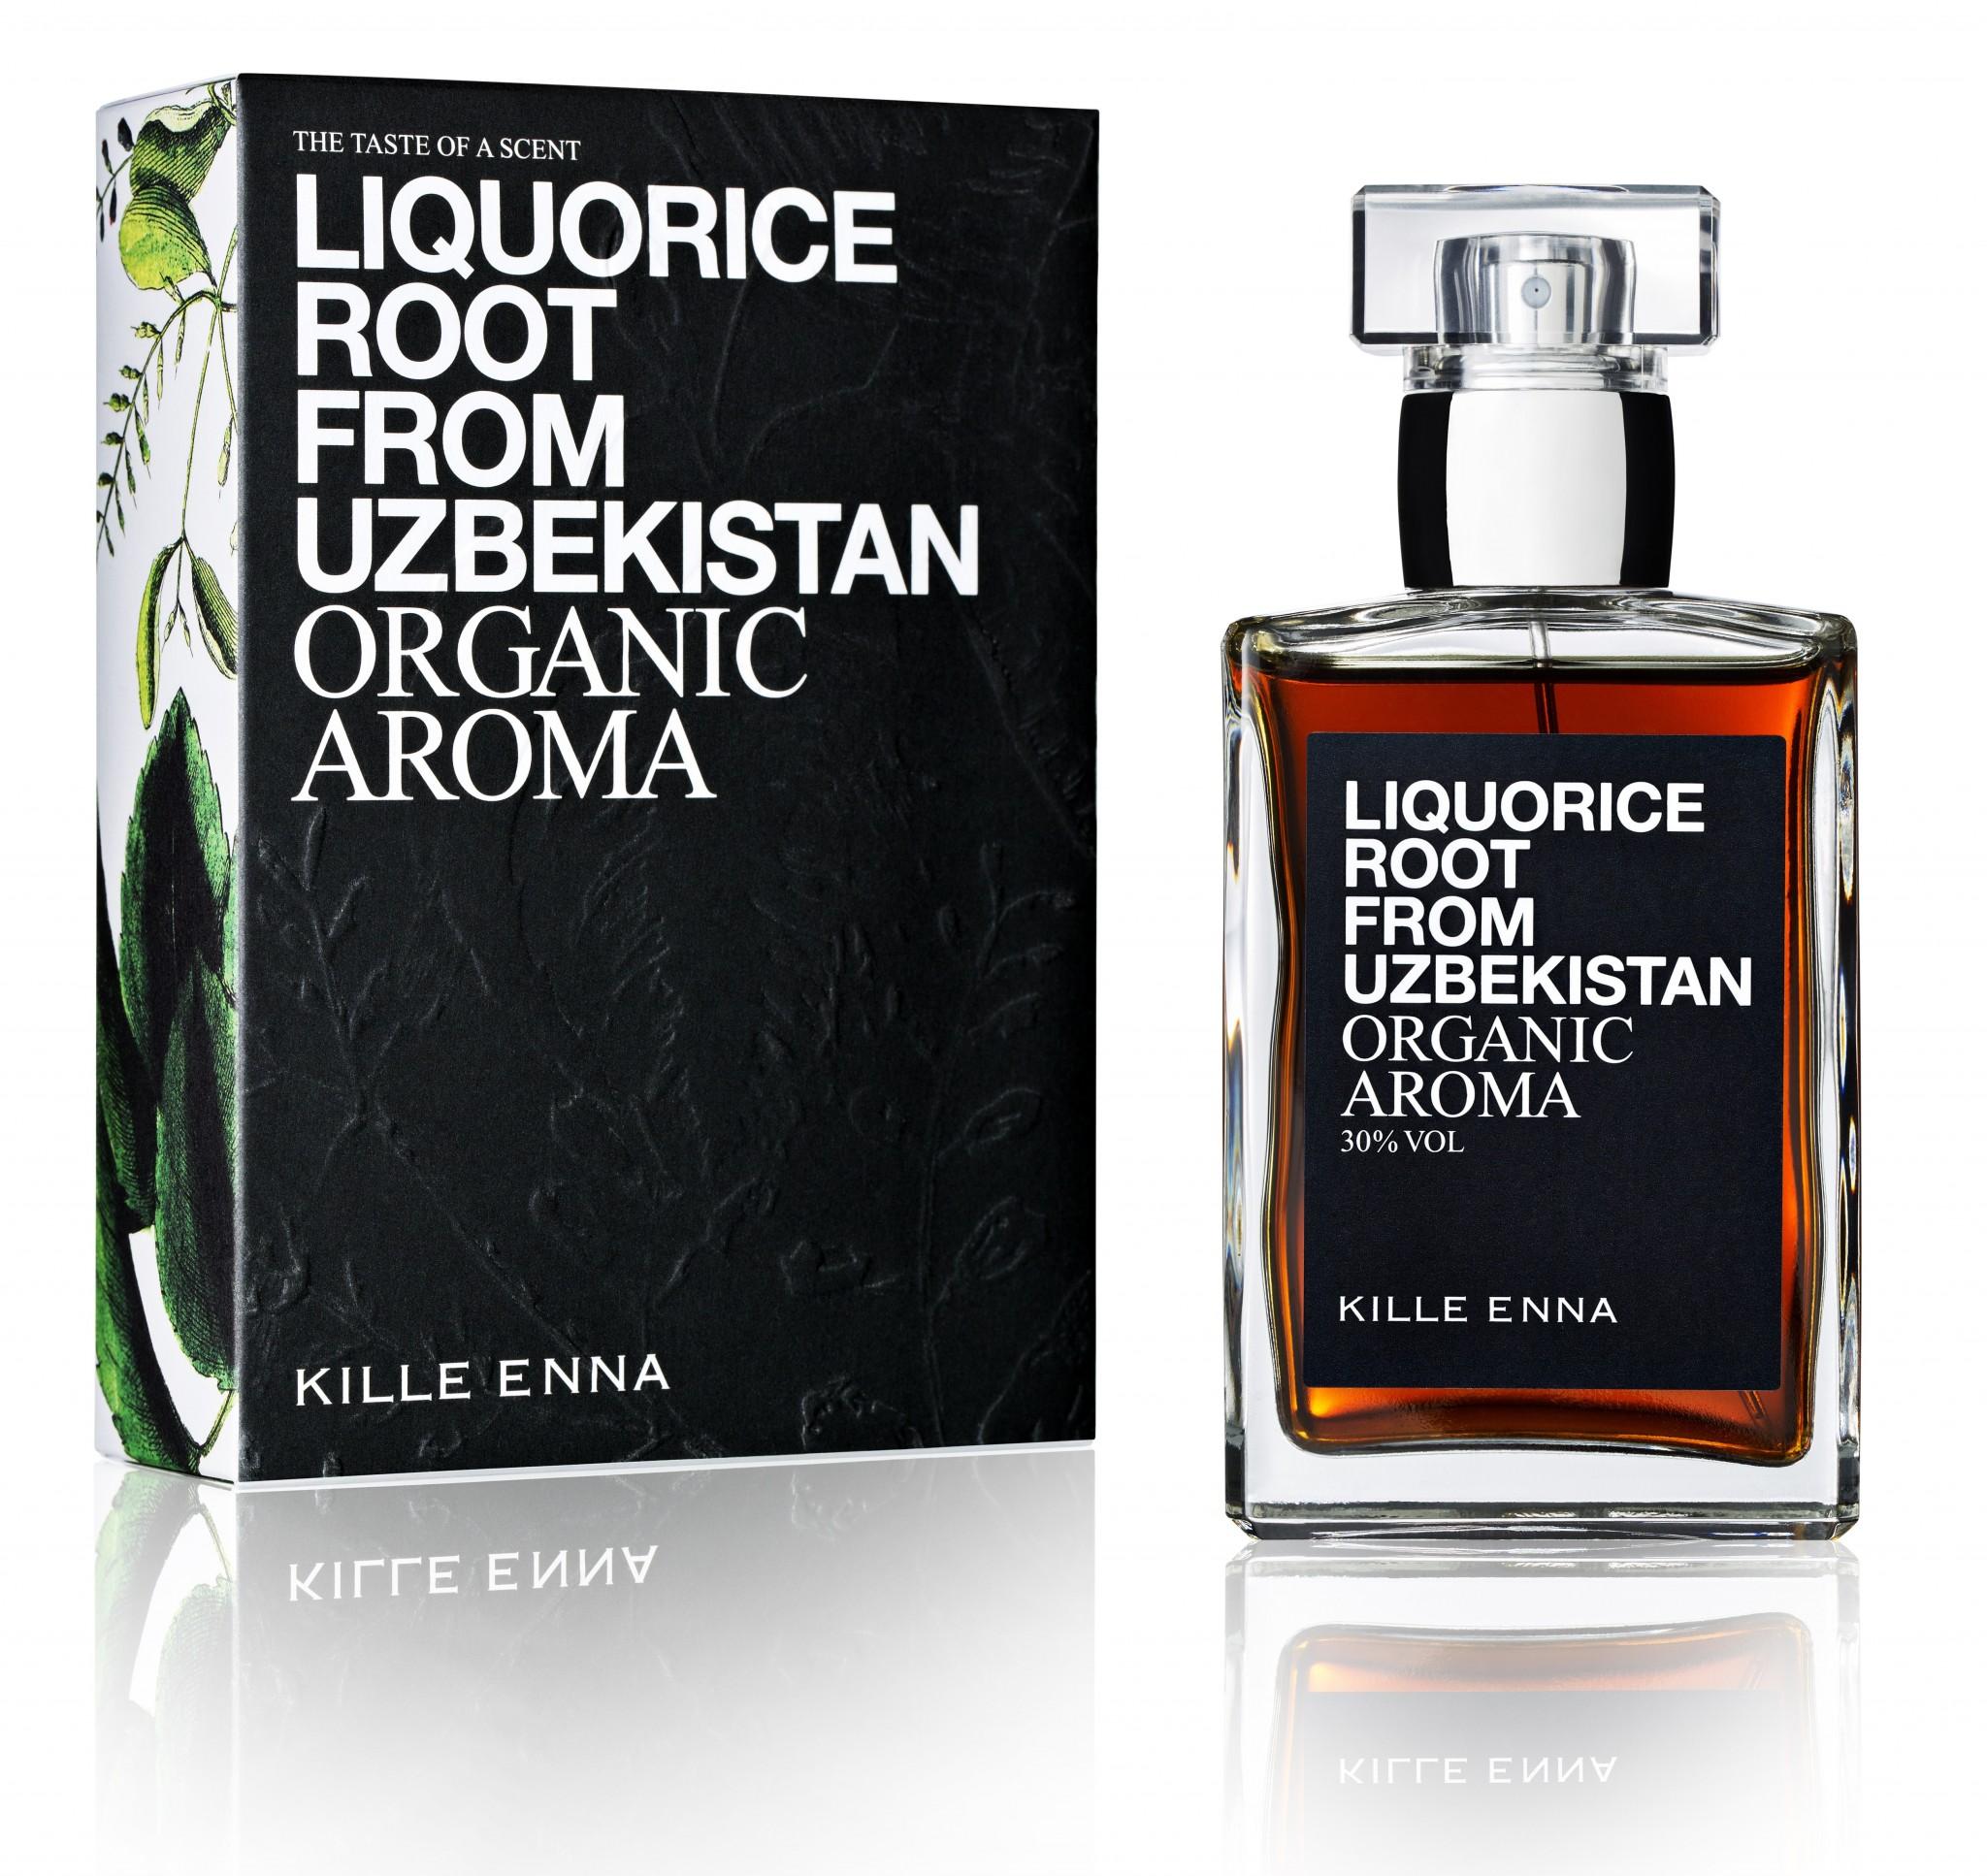 Drinkable Aromas Antedote